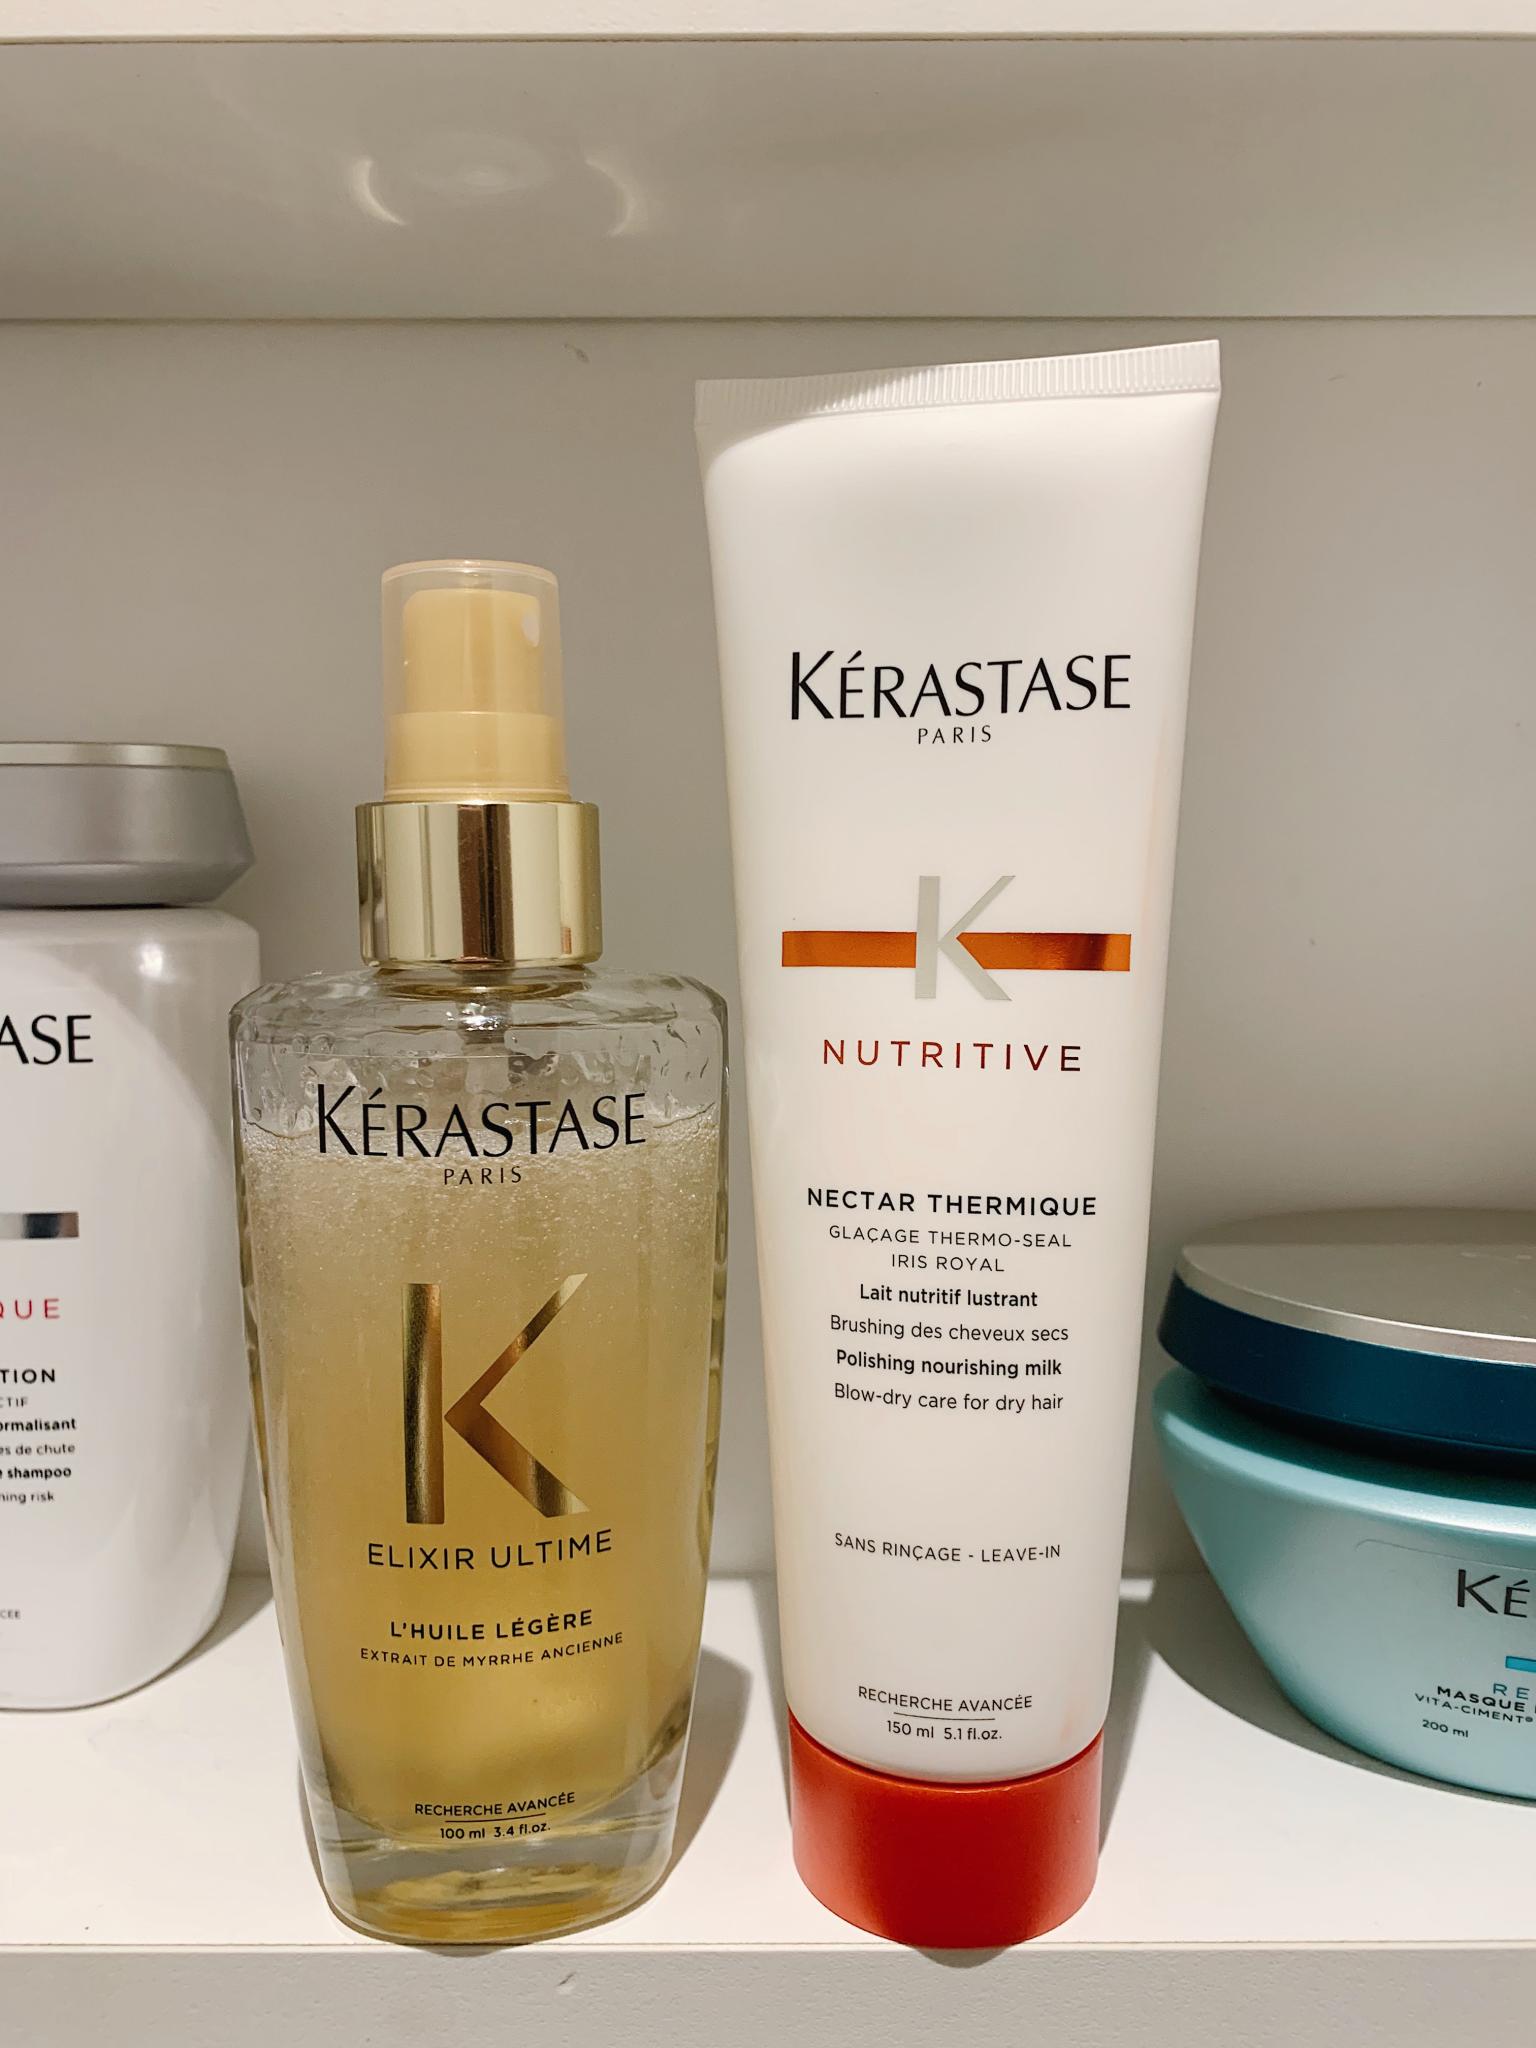 Kérastase produkter för torrt hår!